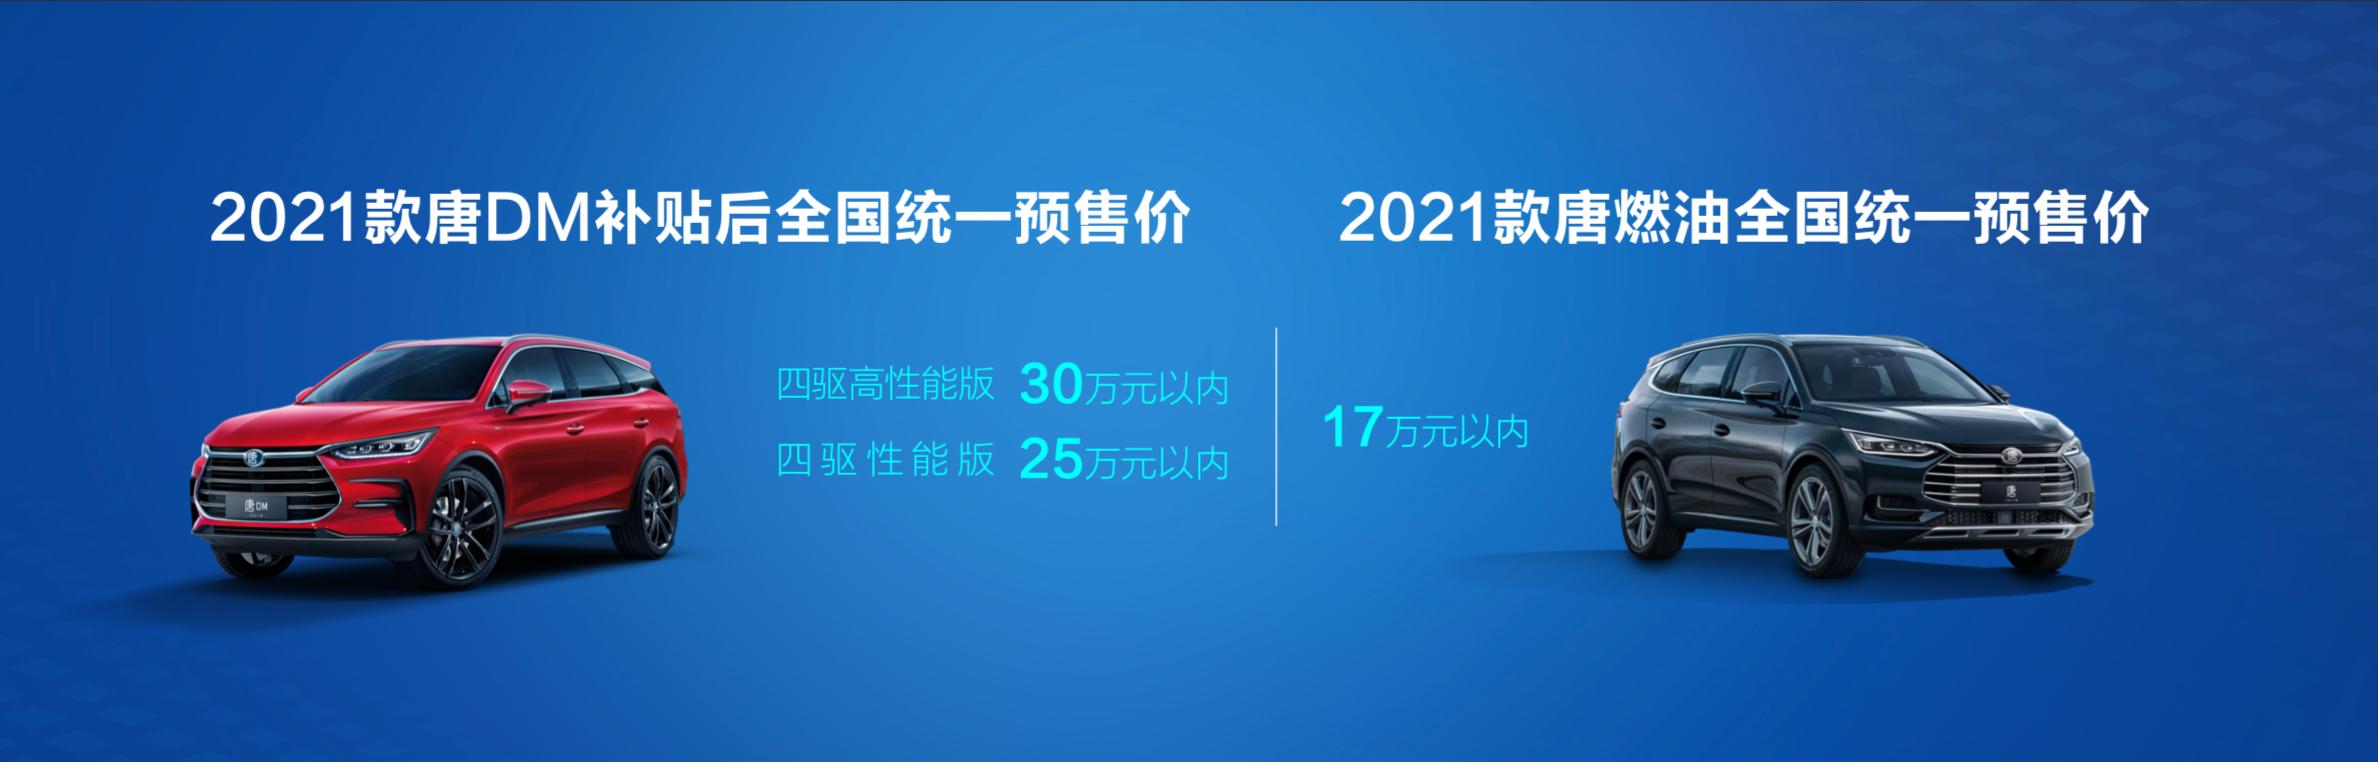 中国旗舰SUV再进阶, 2021款唐预售发布